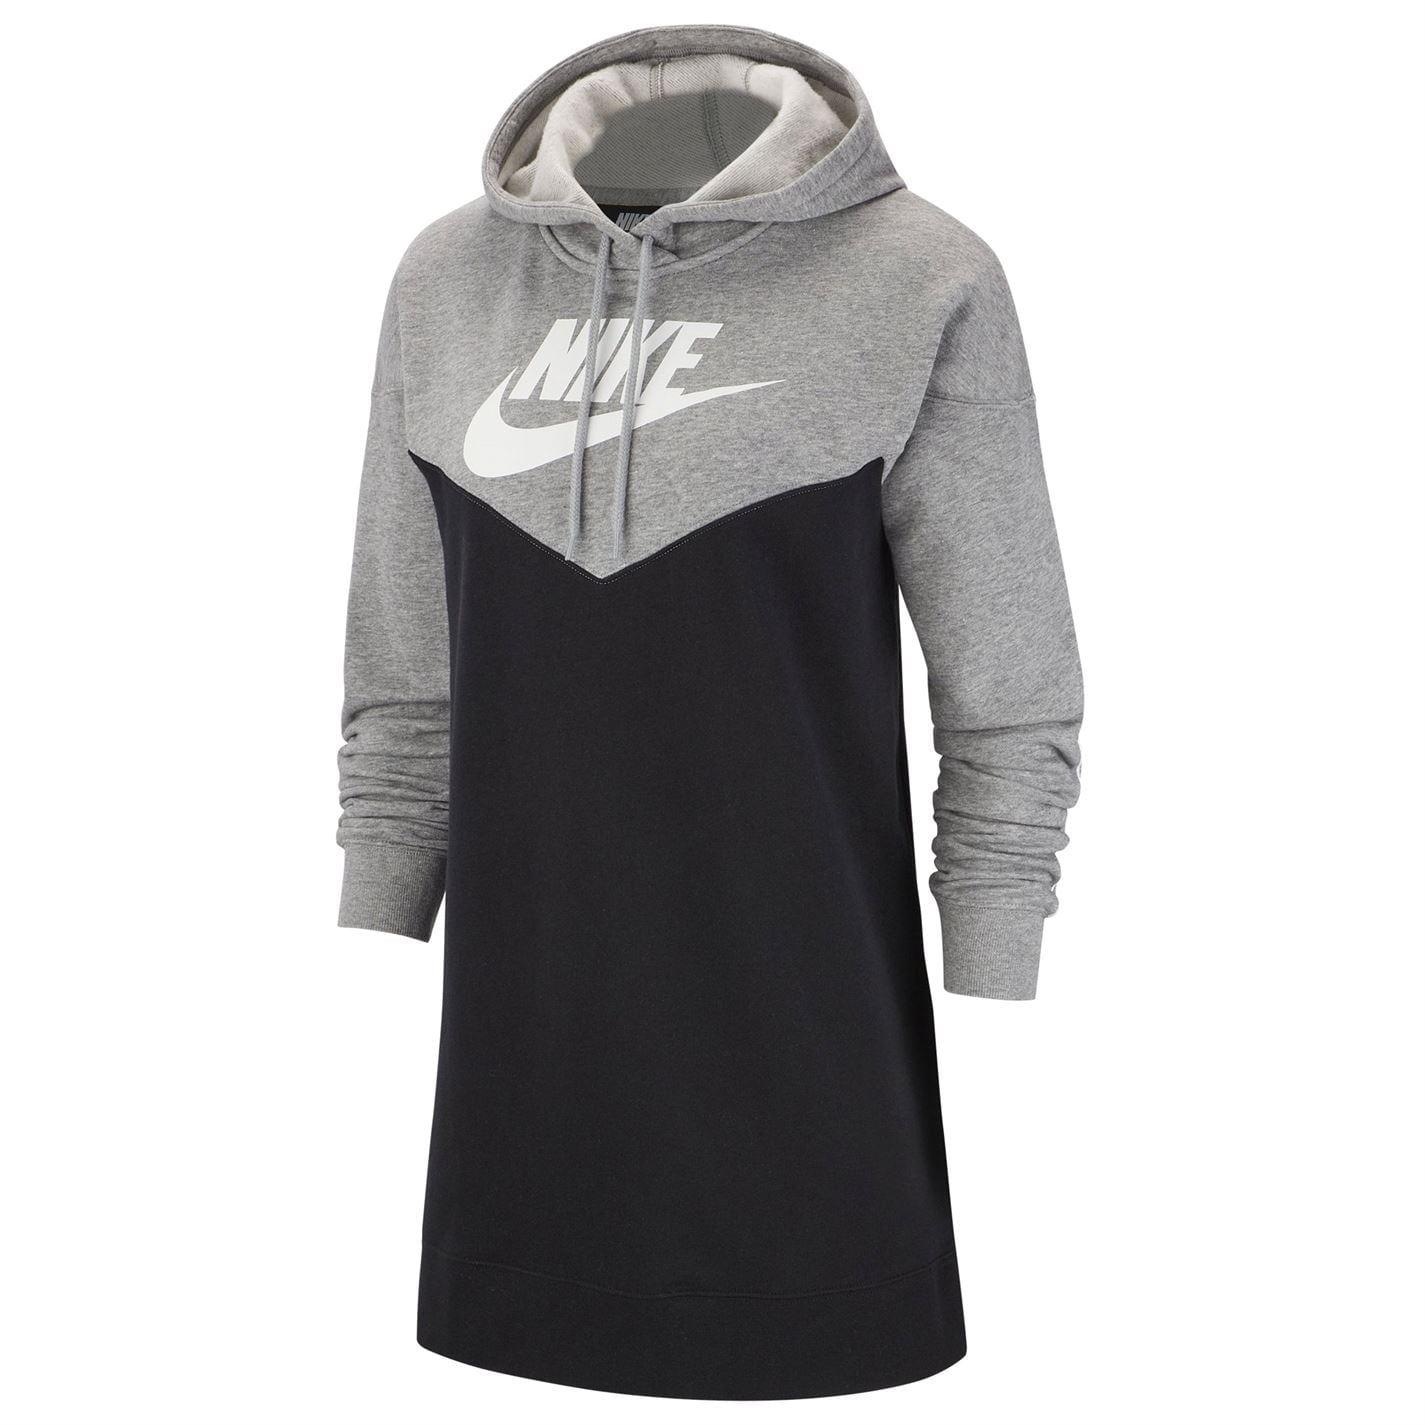 Celo Preludio exposición  abrigo nike online store 5fee8 ce5cd